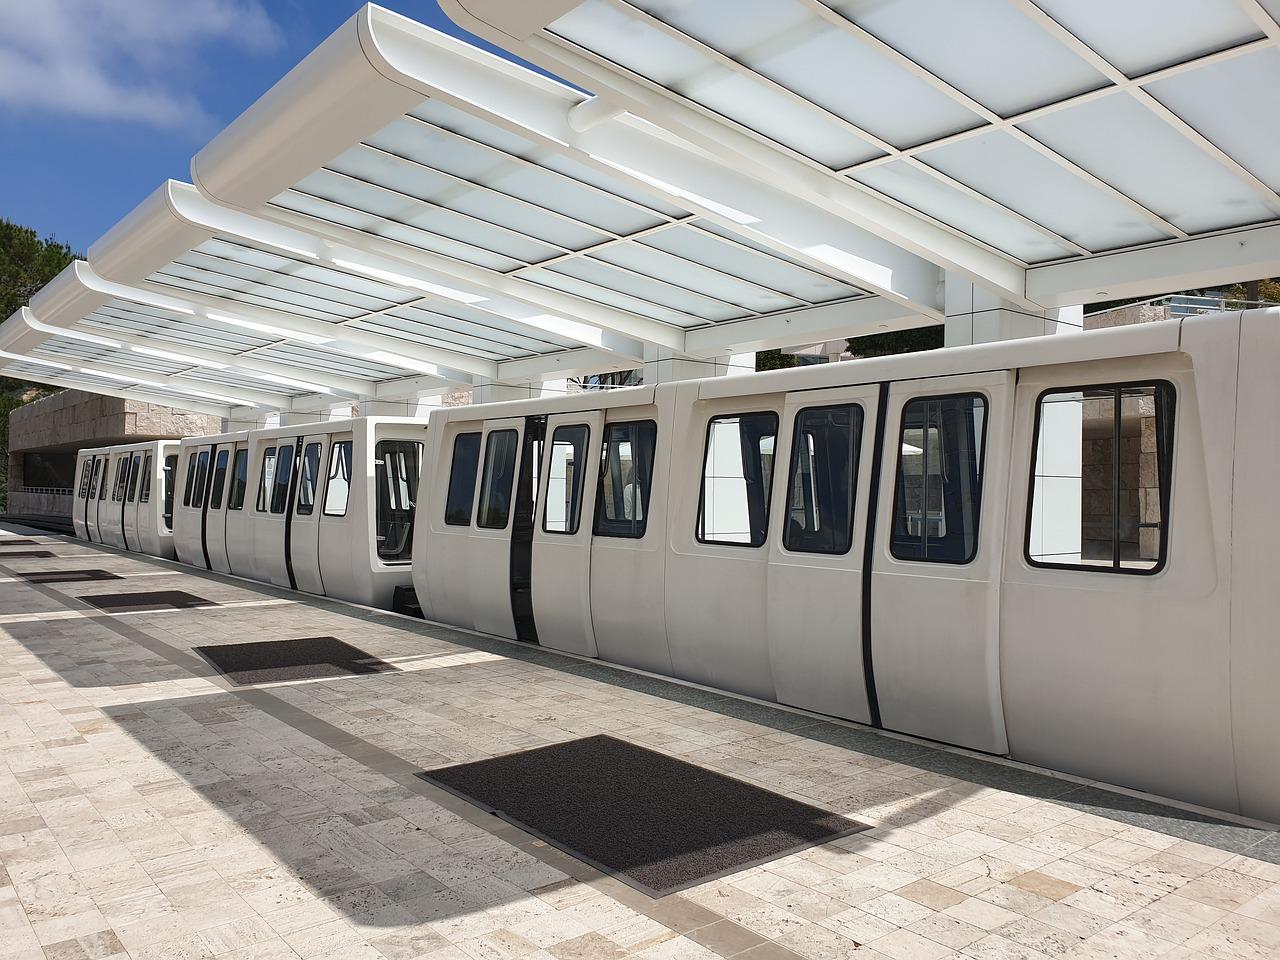 tram for the getty center in LA